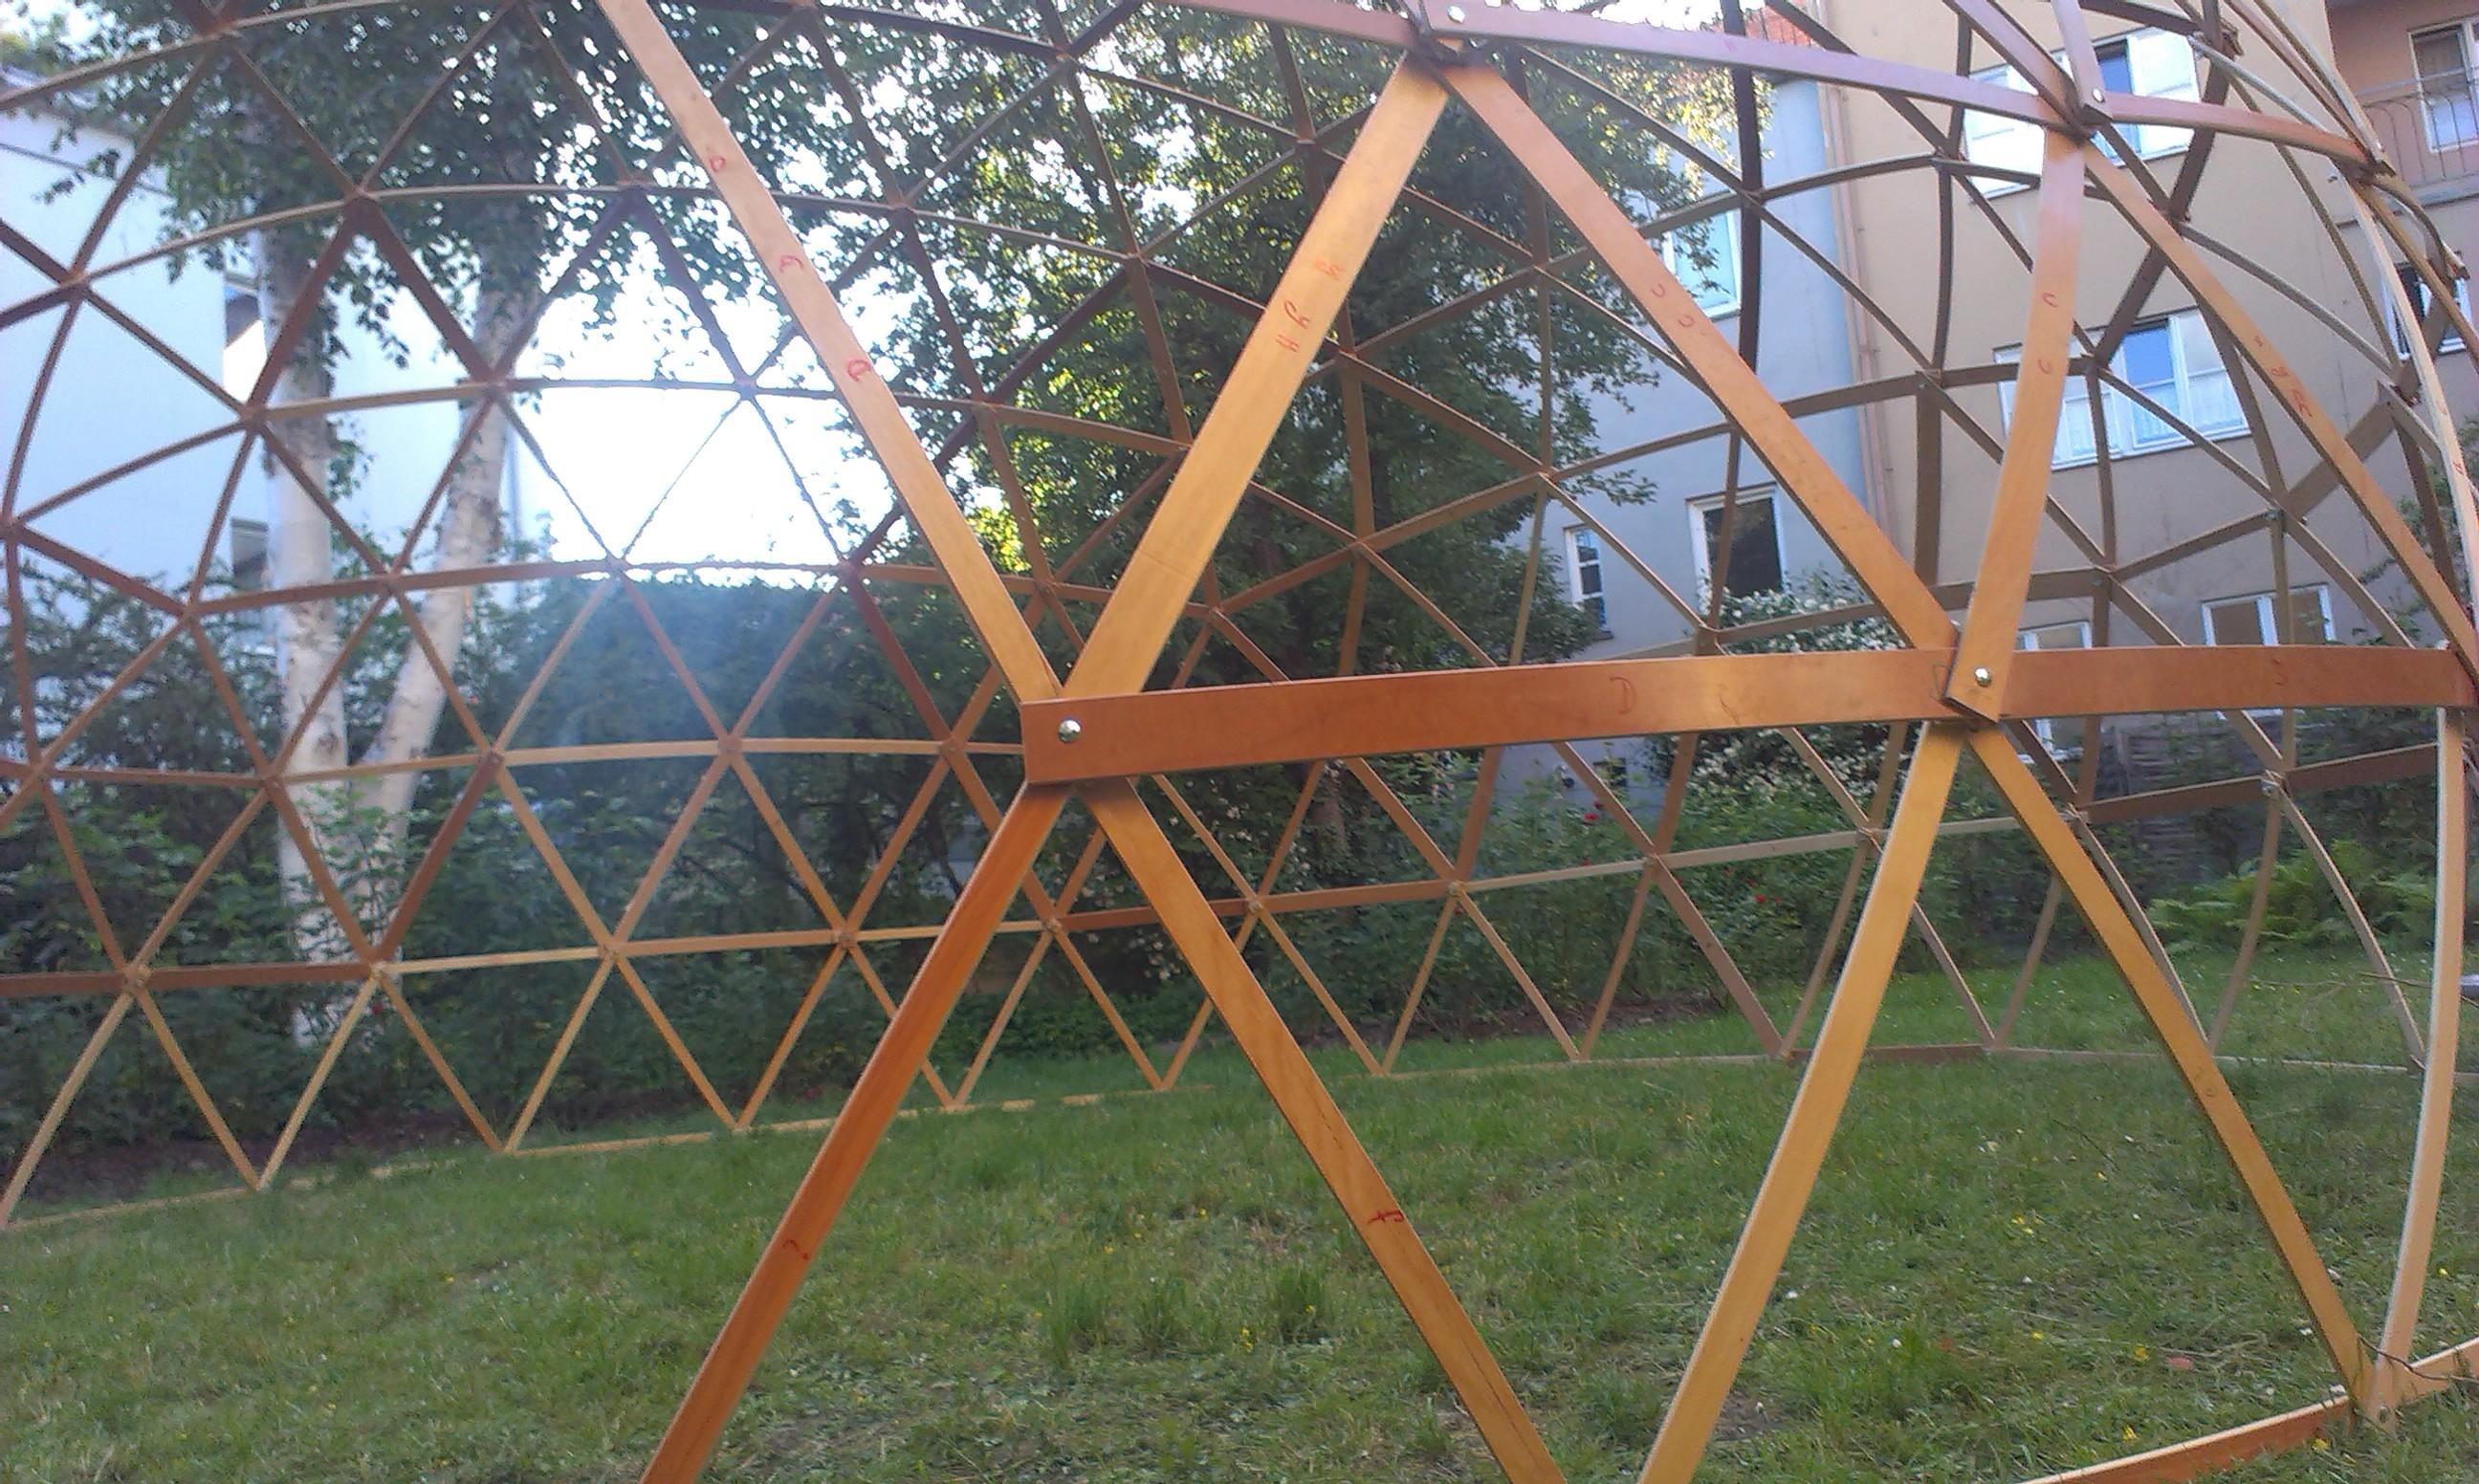 Geodätische Kuppel assembly bau einer geodätischen kuppel geodesic dome construction